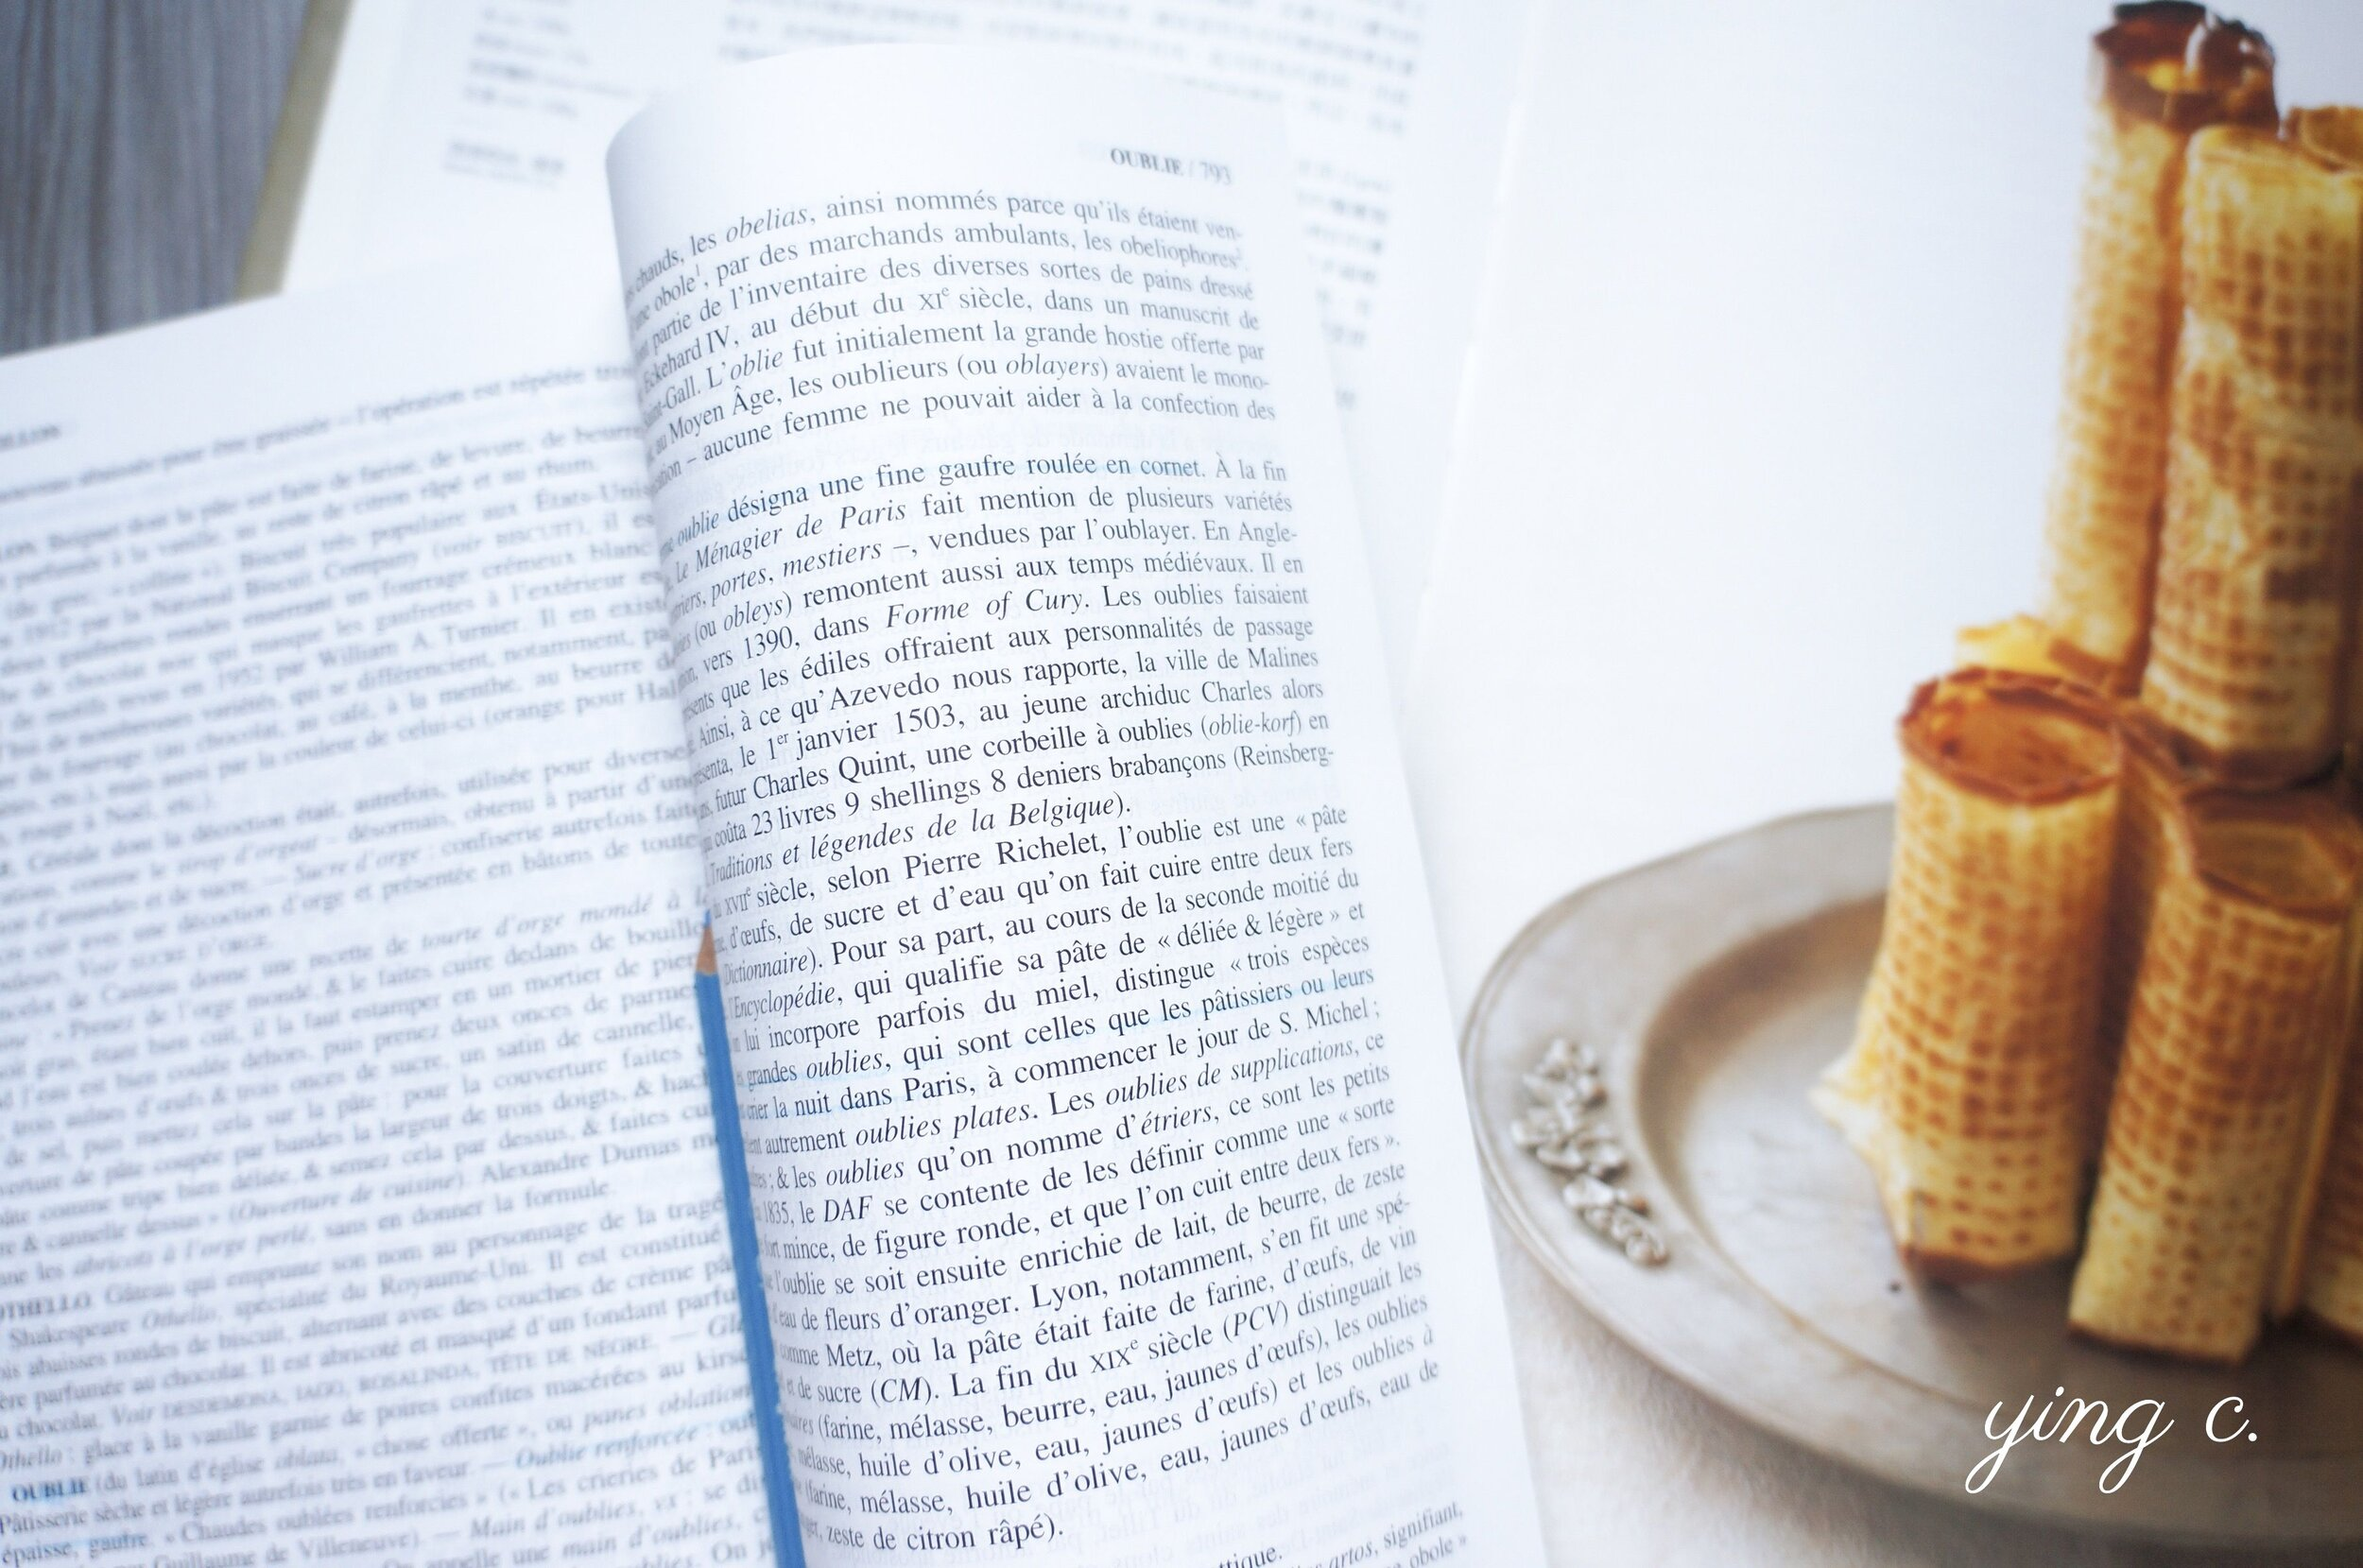 書中甚至有我在歷史文獻中讀到、標誌著甜點師(pâtissier)行業起源的烏布利鬆餅(Oublie)。